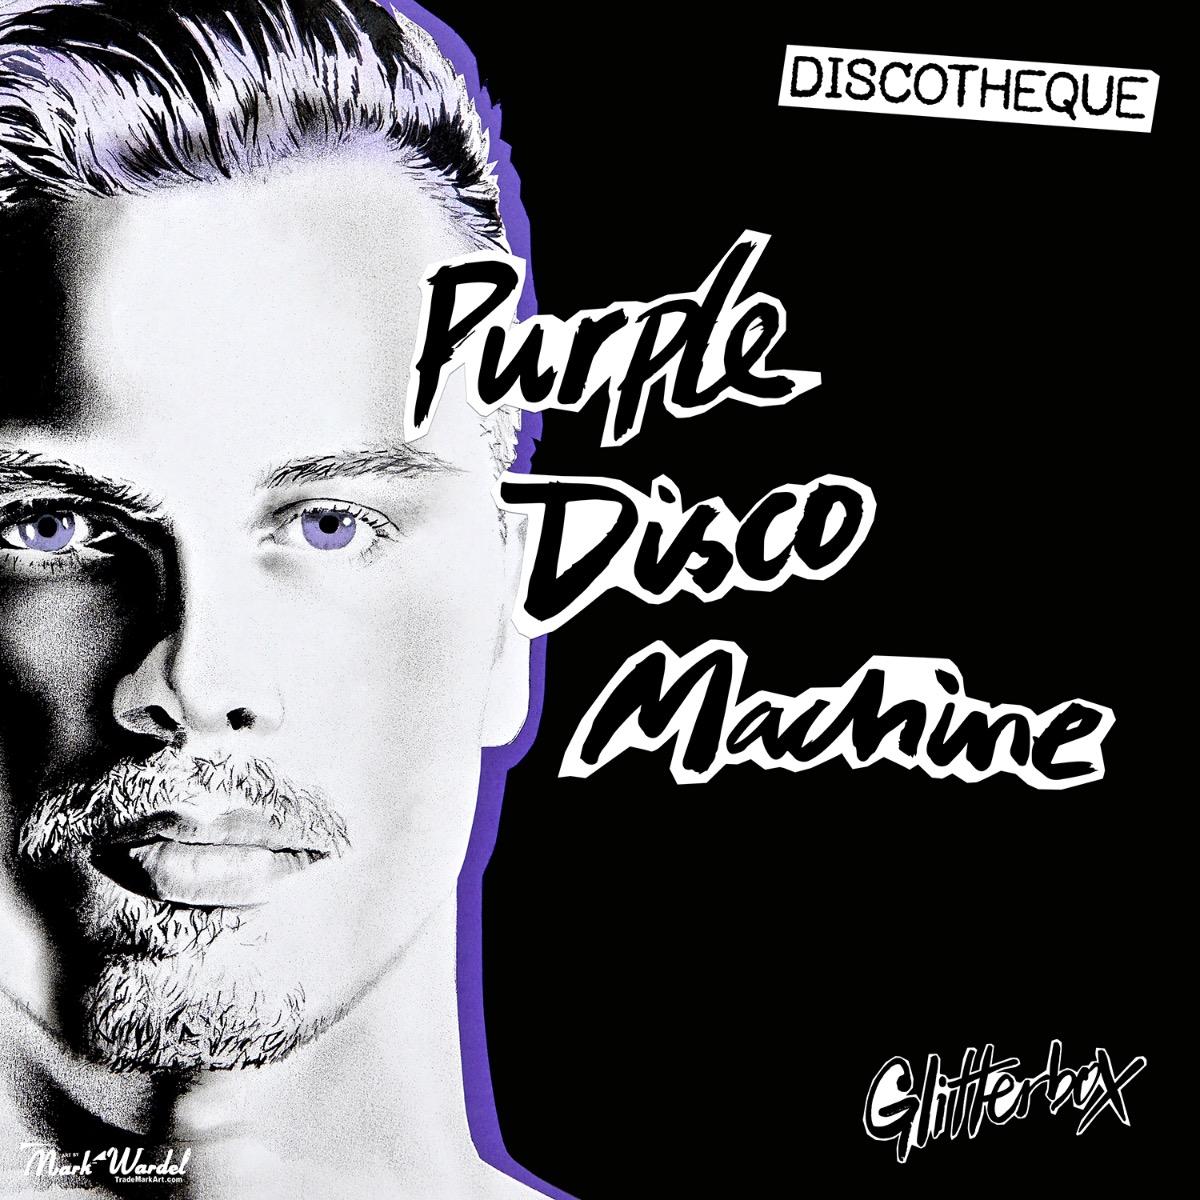 Purple Disco Machine Glitterbox Discotheque